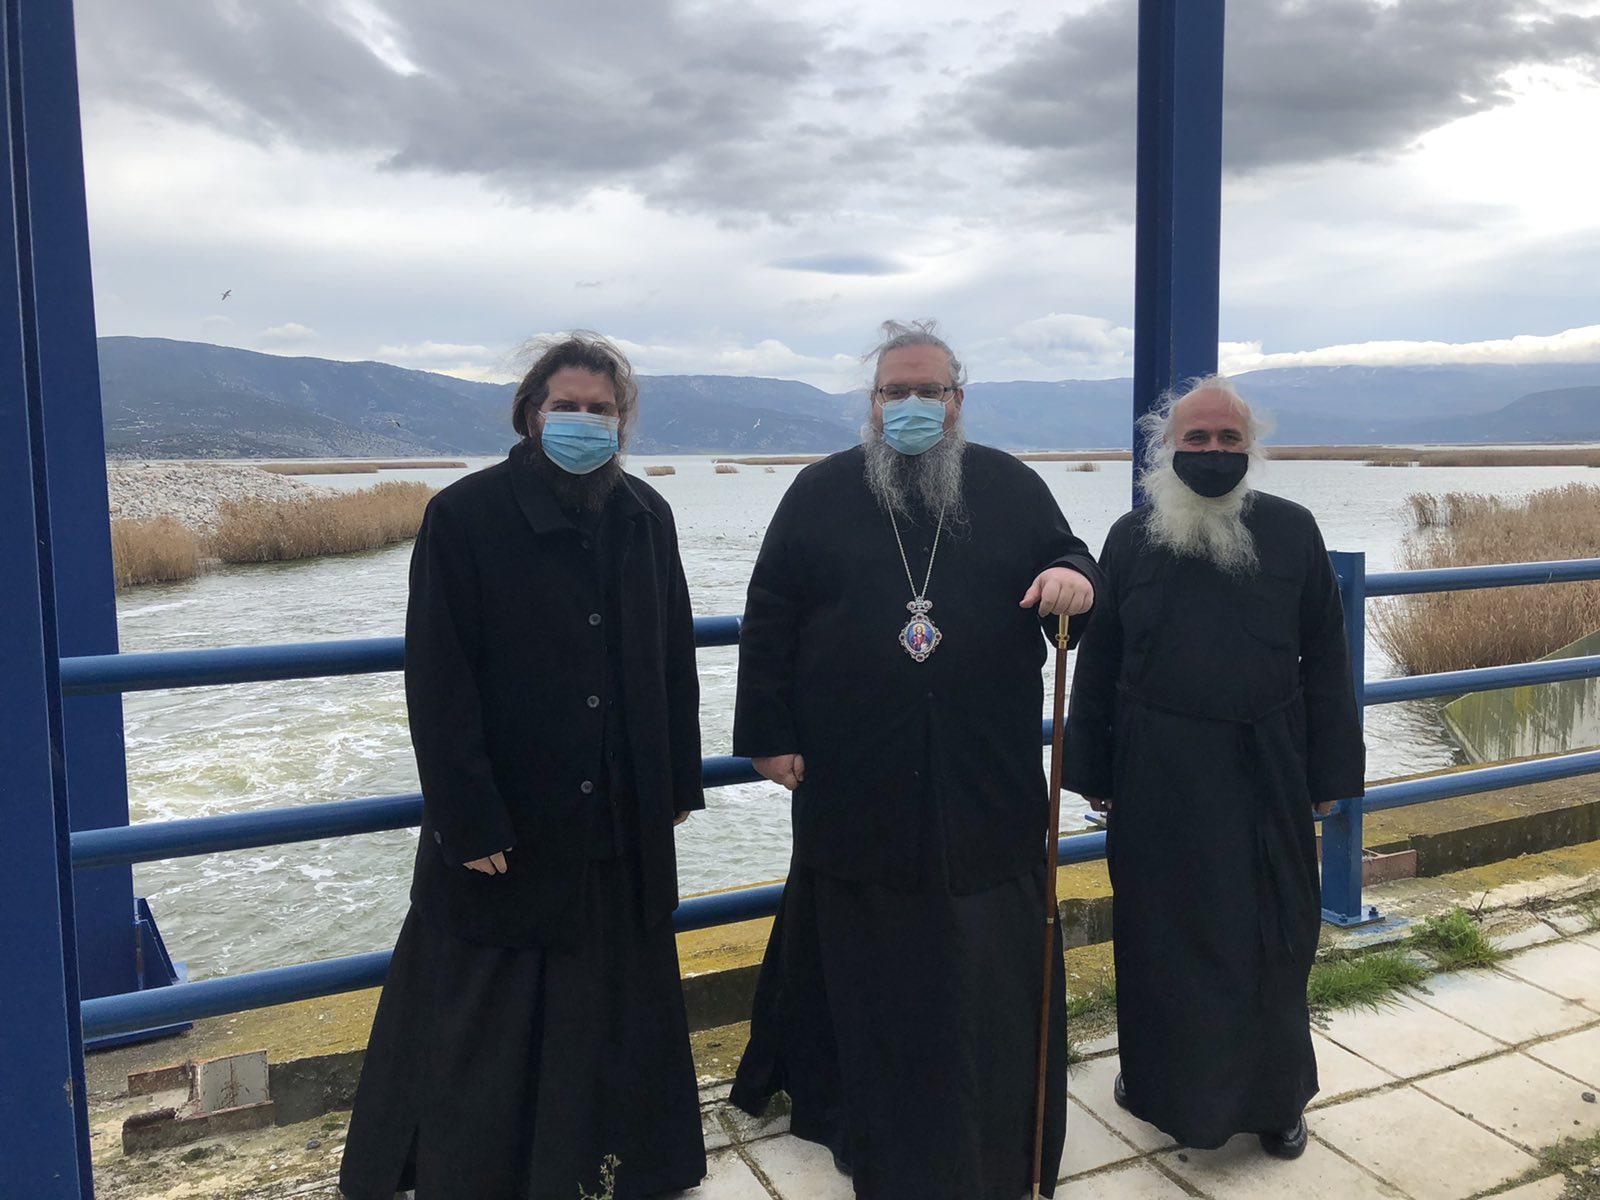 episkepsi limni karla 1 - Στη Λίμνη Κάρλα ο Σεβασμιώτατος